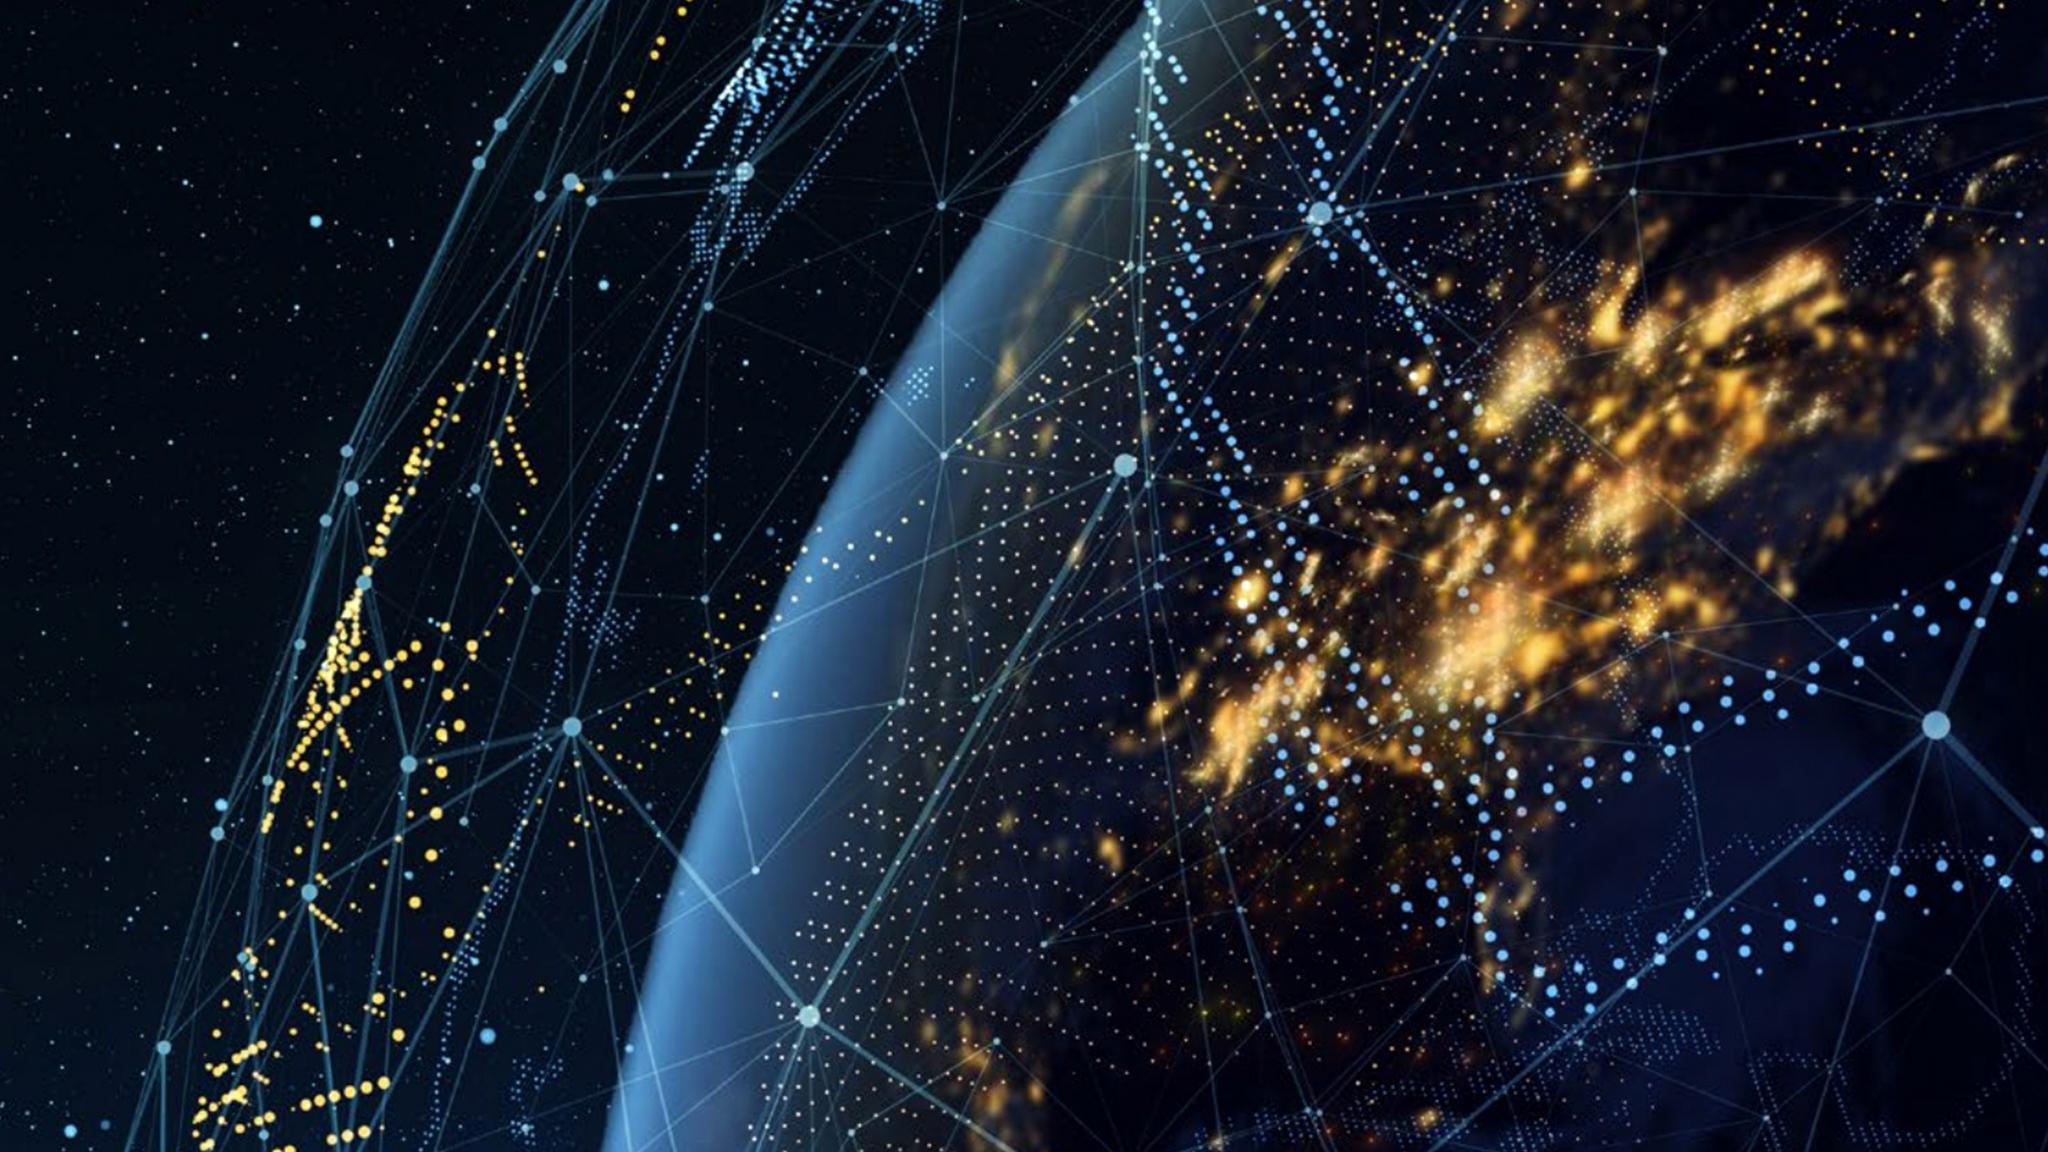 پتانسیلهای احتمالی برای آینده پروازهای فضایی